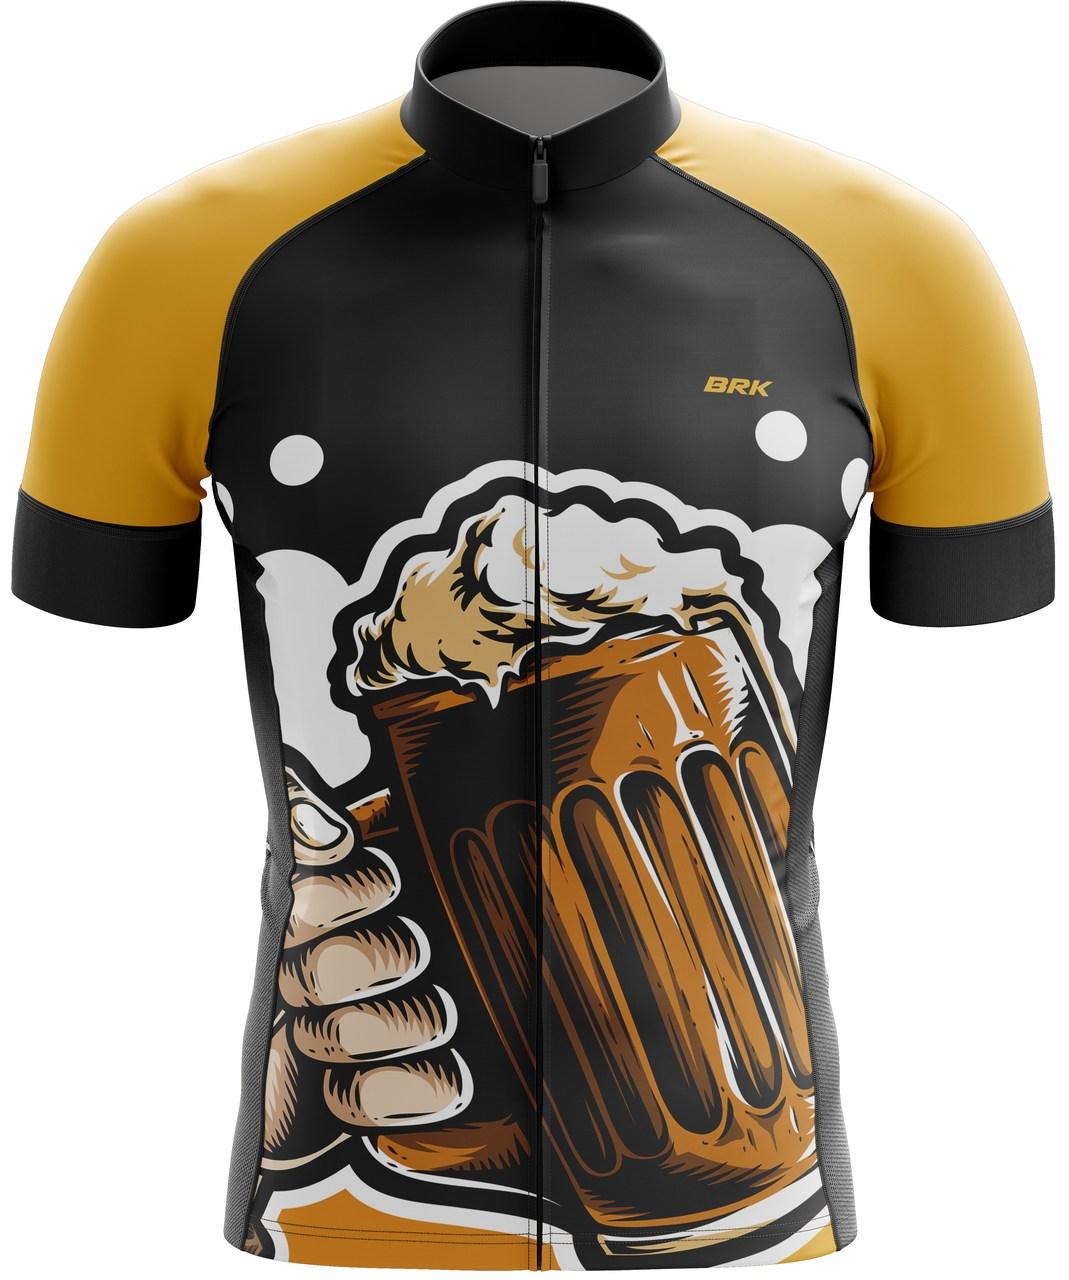 Camisa Ciclismo Brk Cerveja com FPU 50+